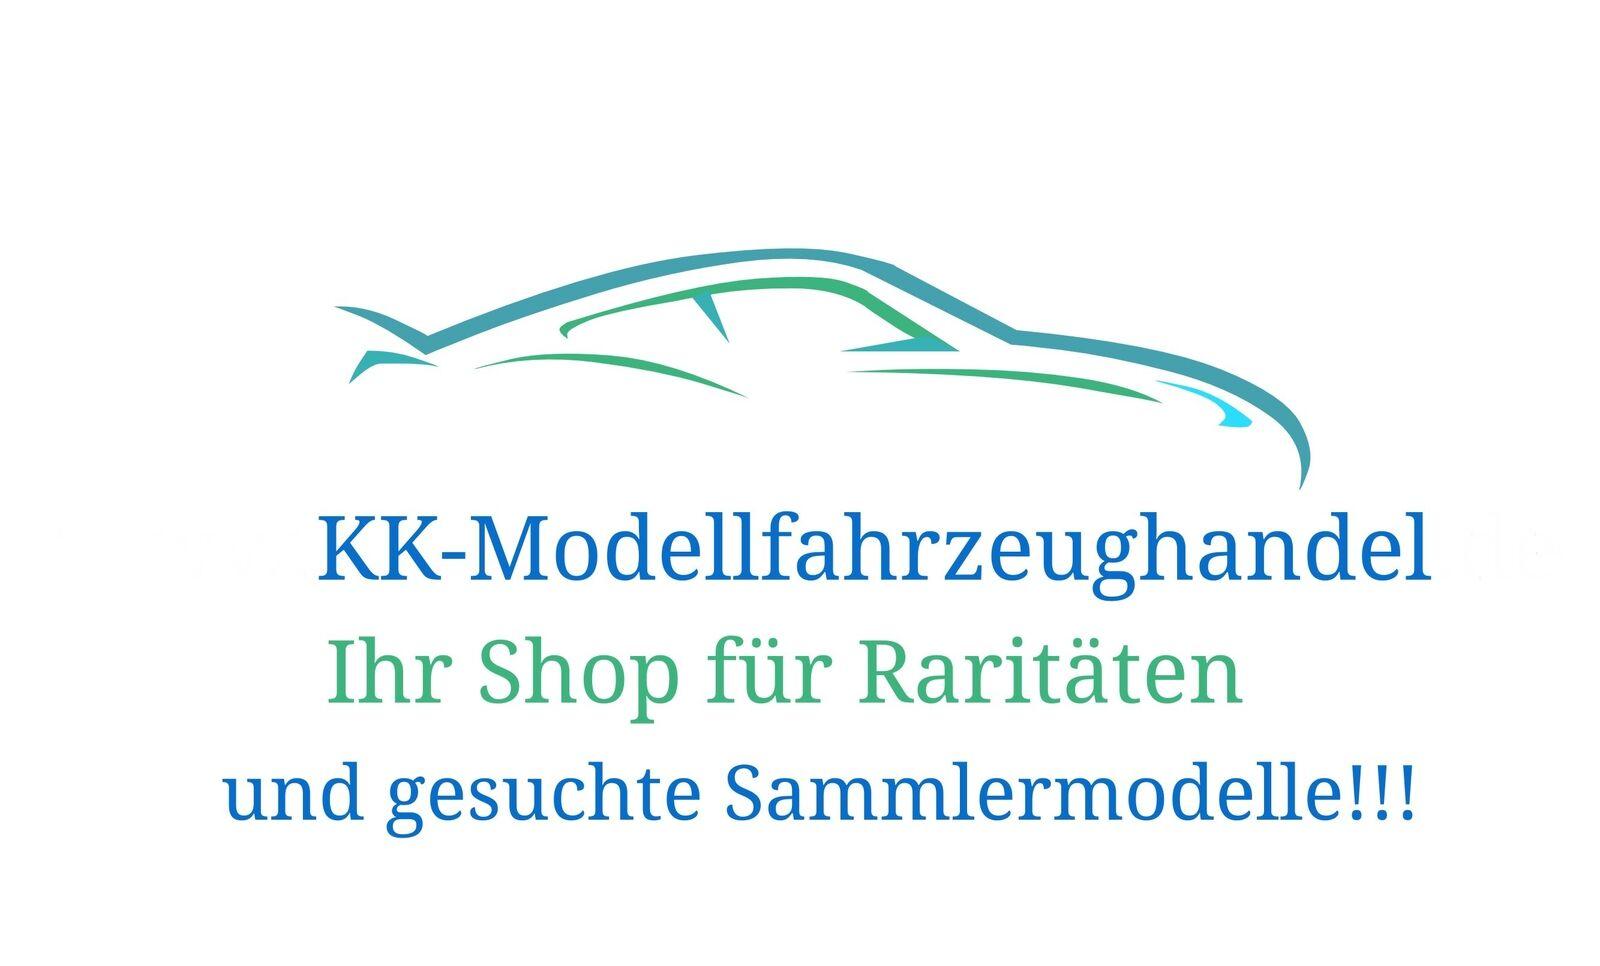 kkmodellfahrzeughandel2016